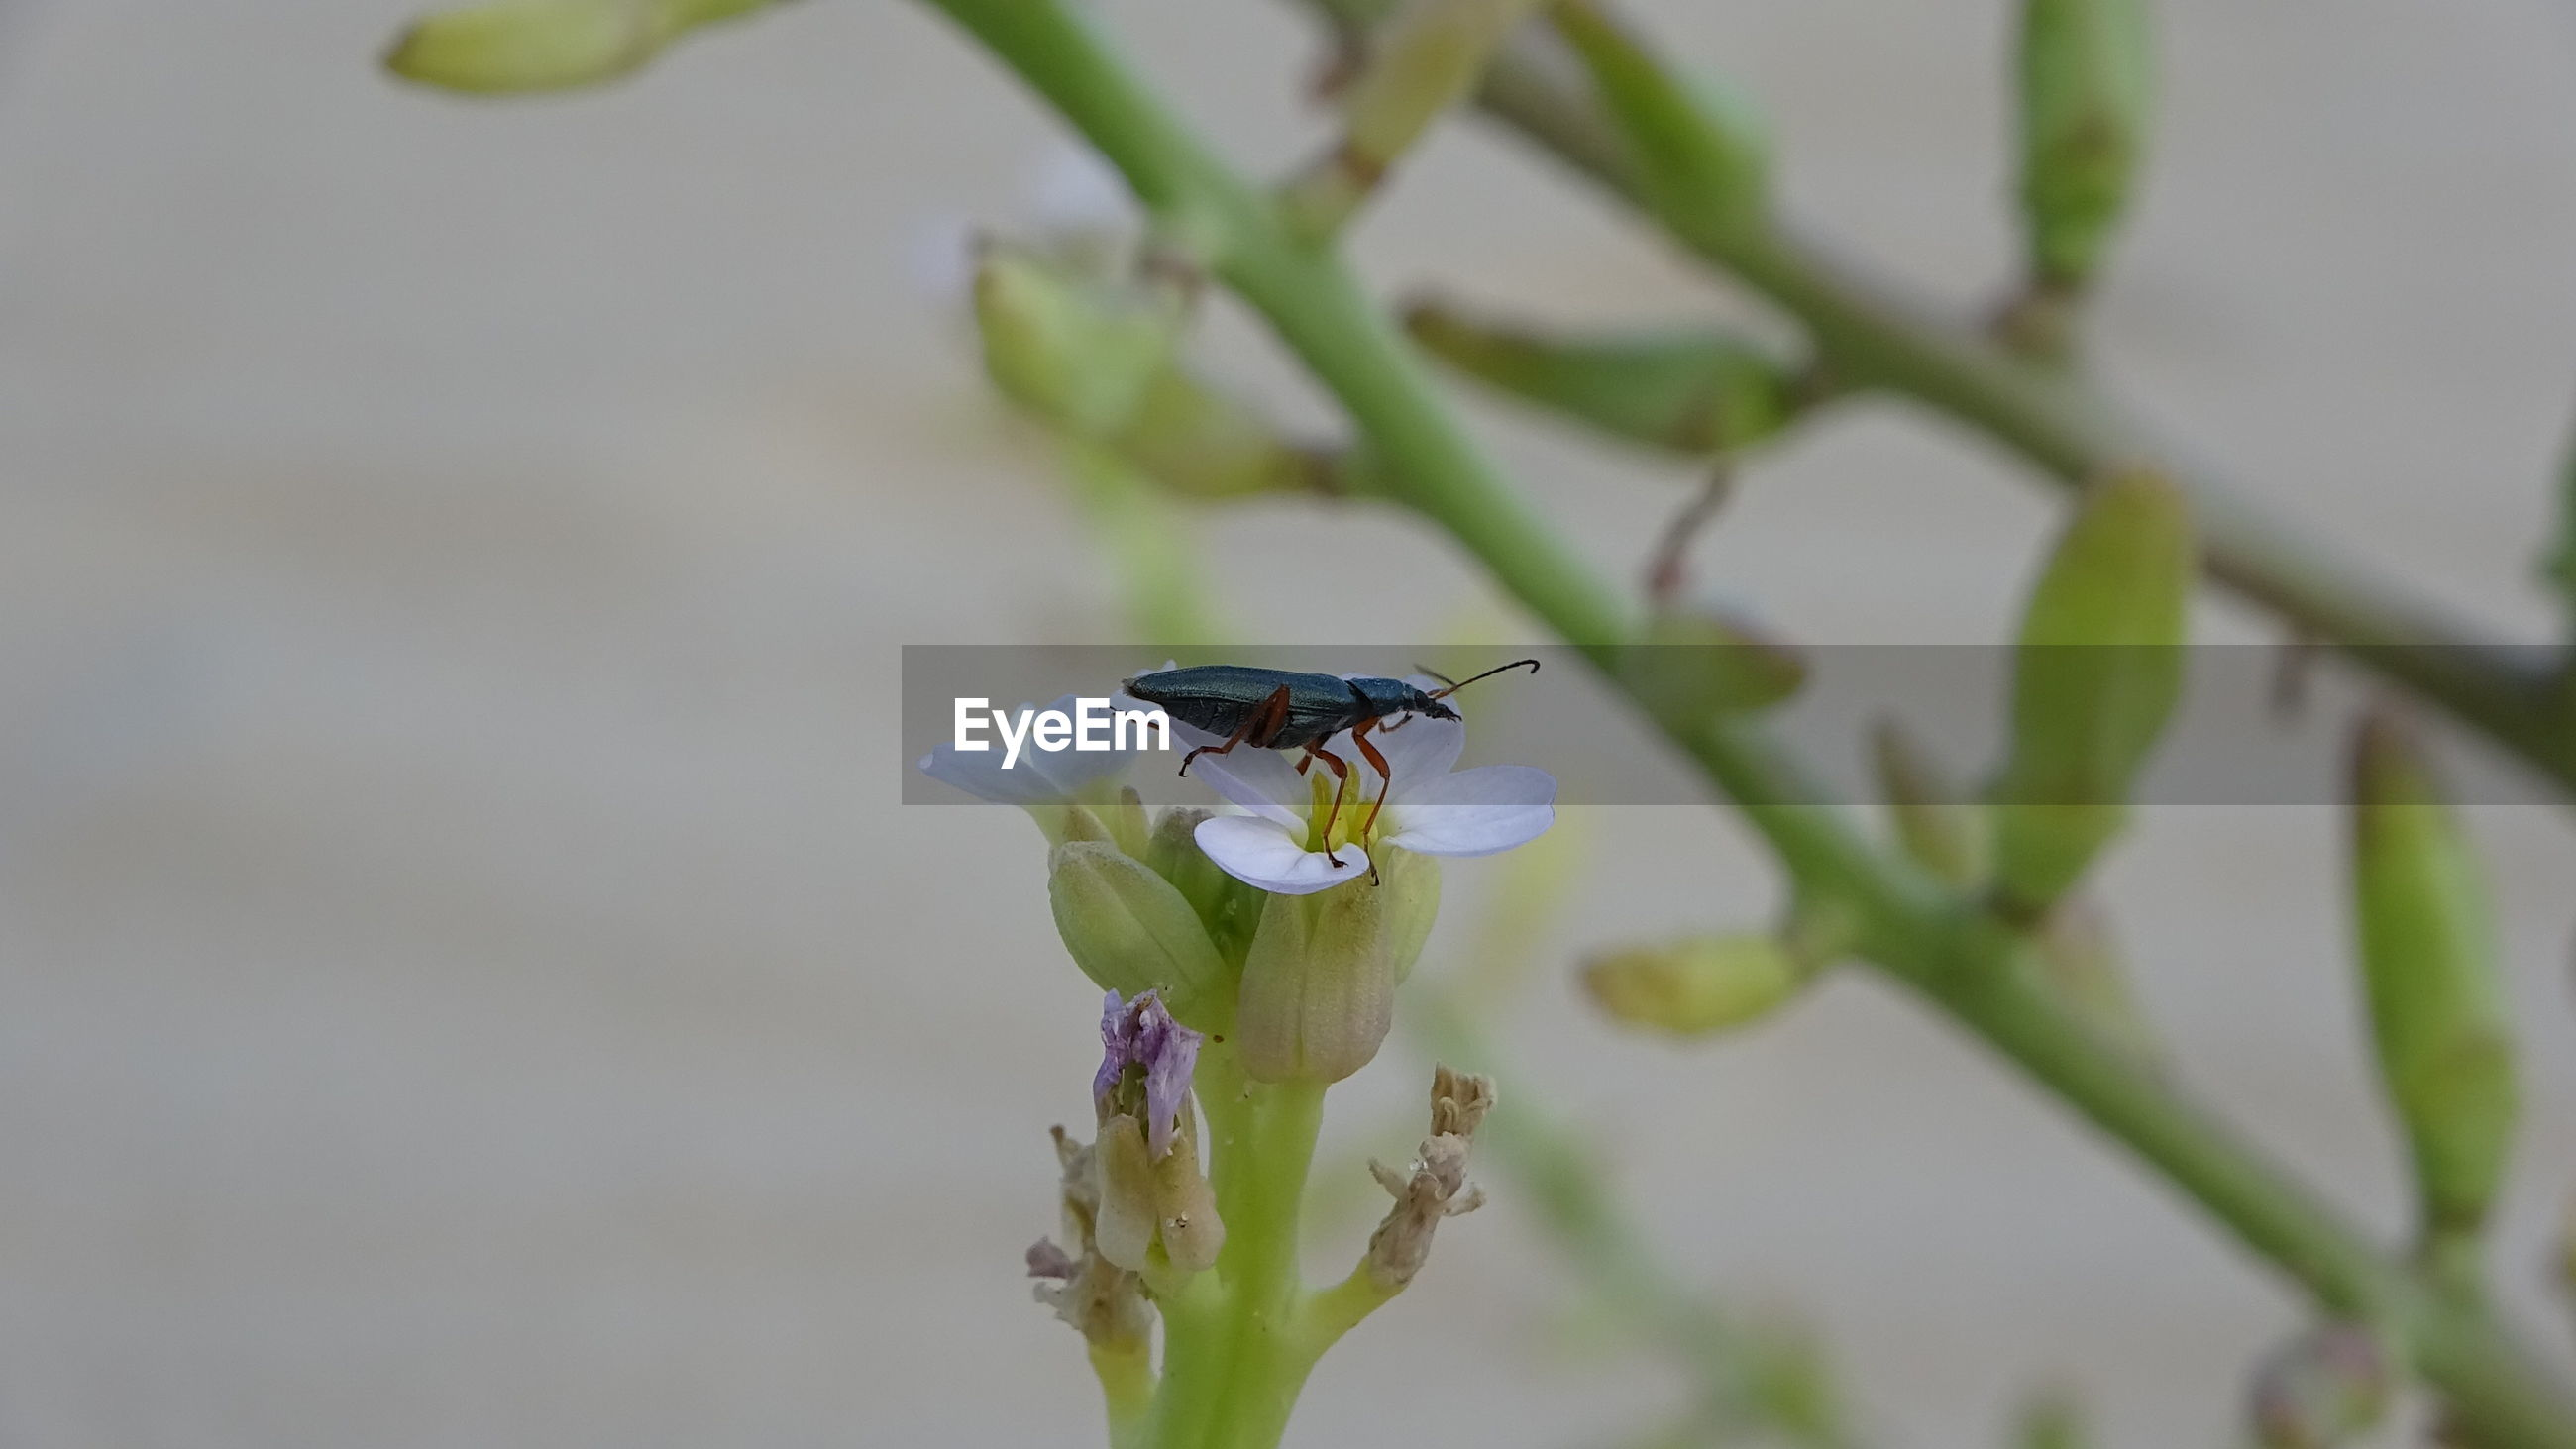 Beetle on purple flower, on sand